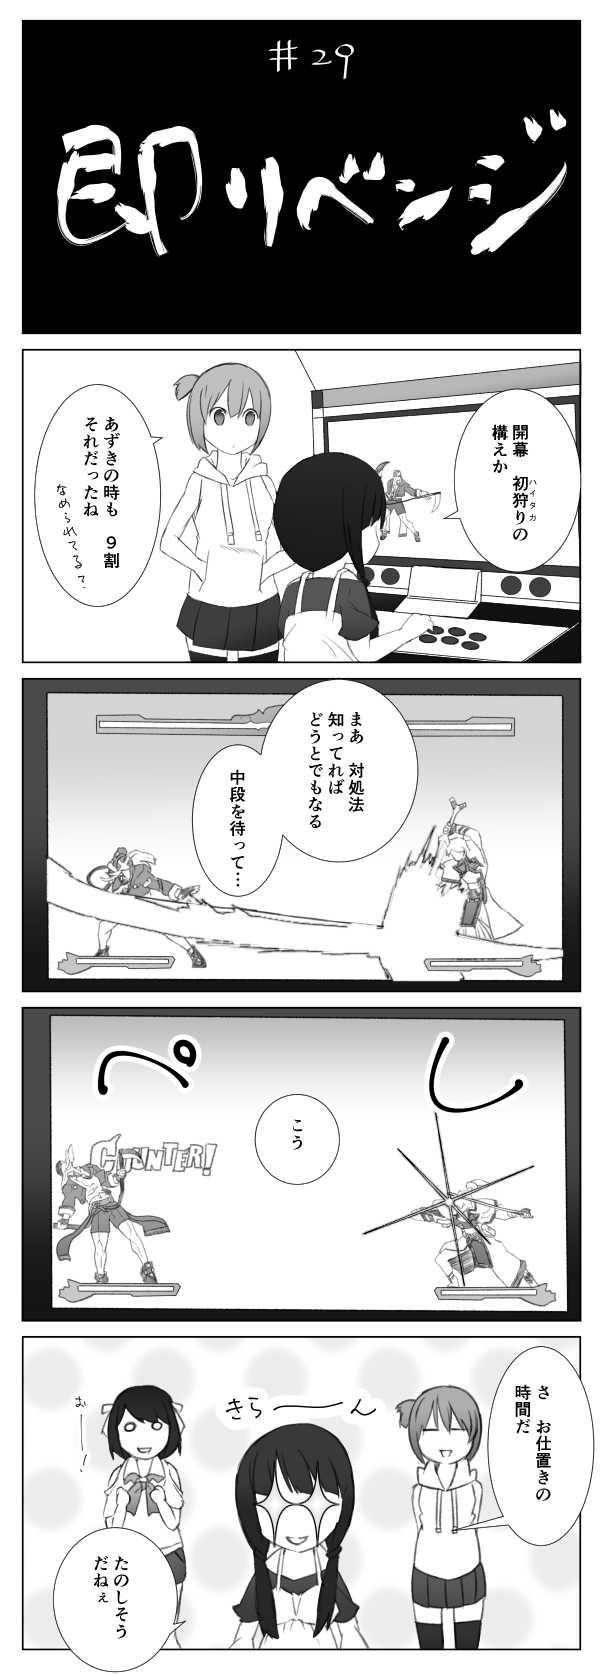 たゆたRom. 29本目「即リベンジ」